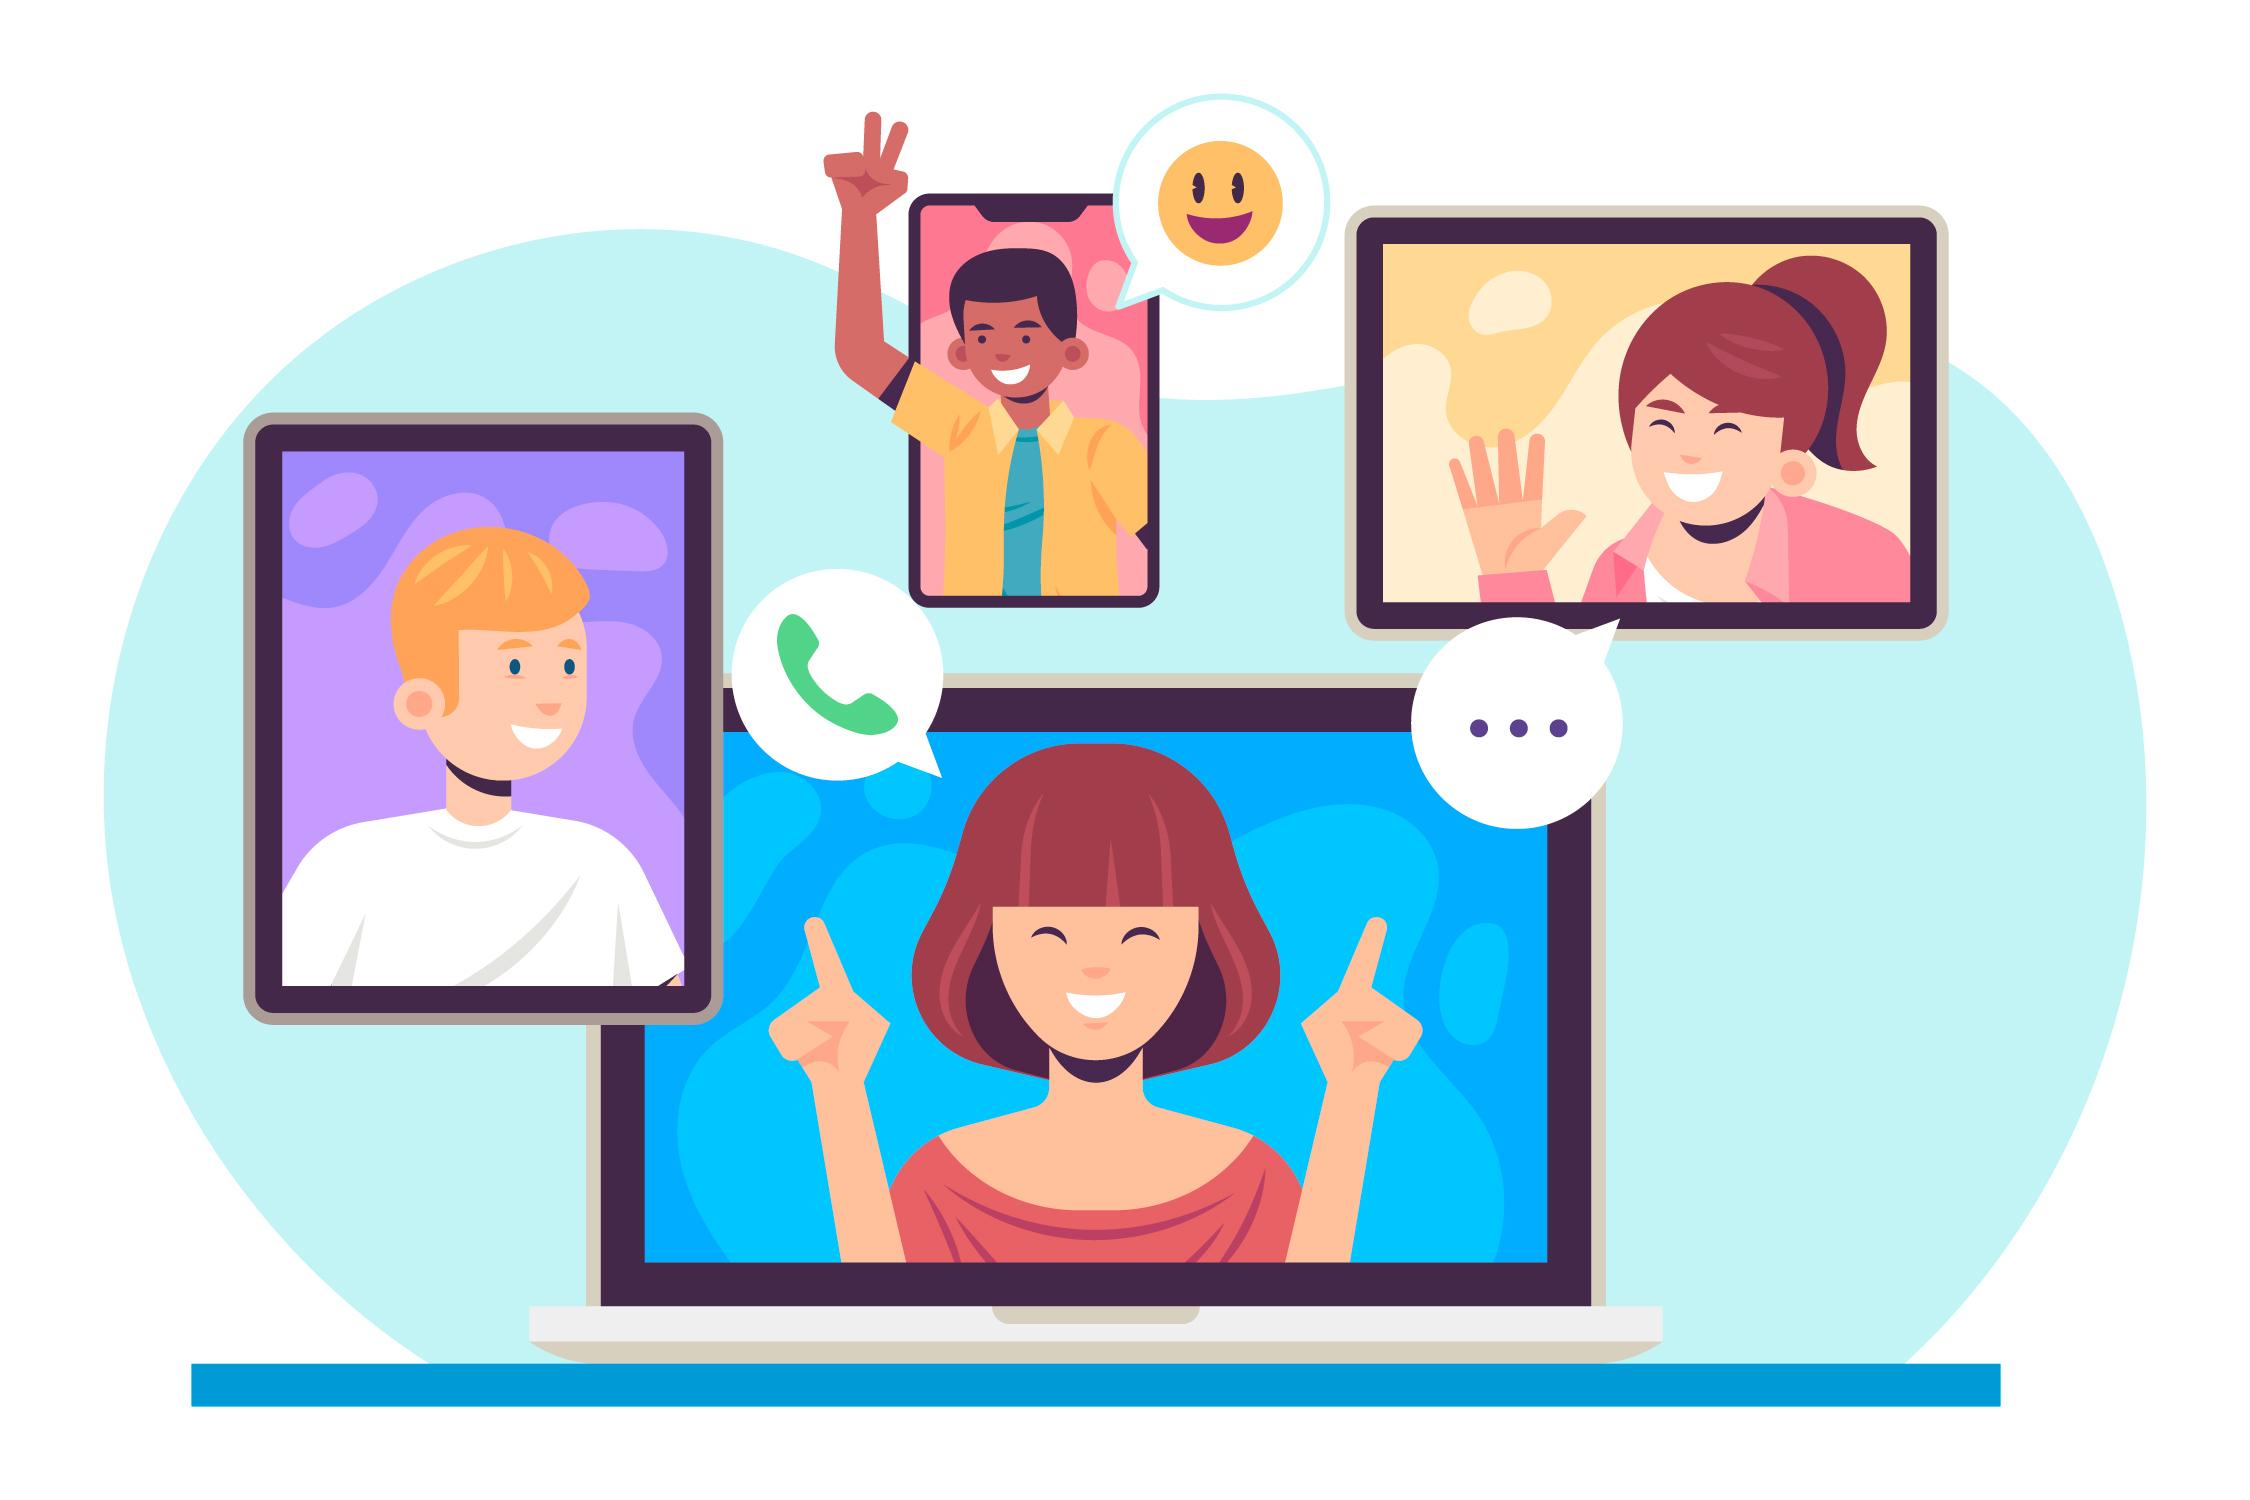 personas realizando videollamadas